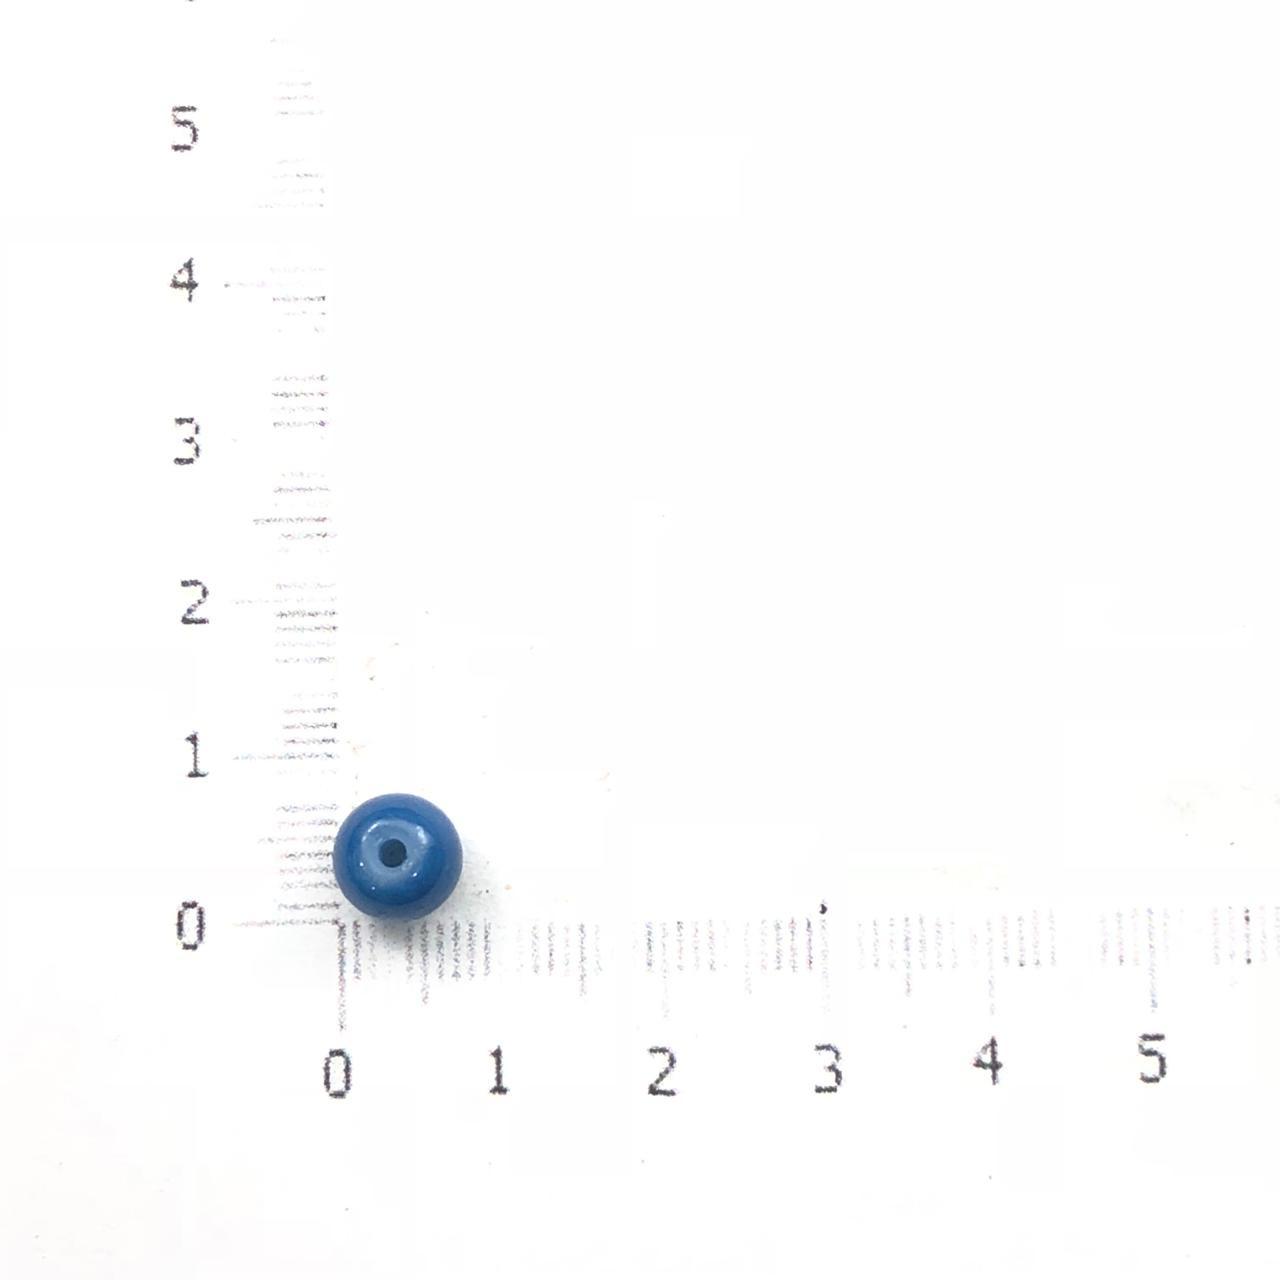 BOL411 - Bola de Vidro Pintado 8mm Azul Jeans - 60Unids